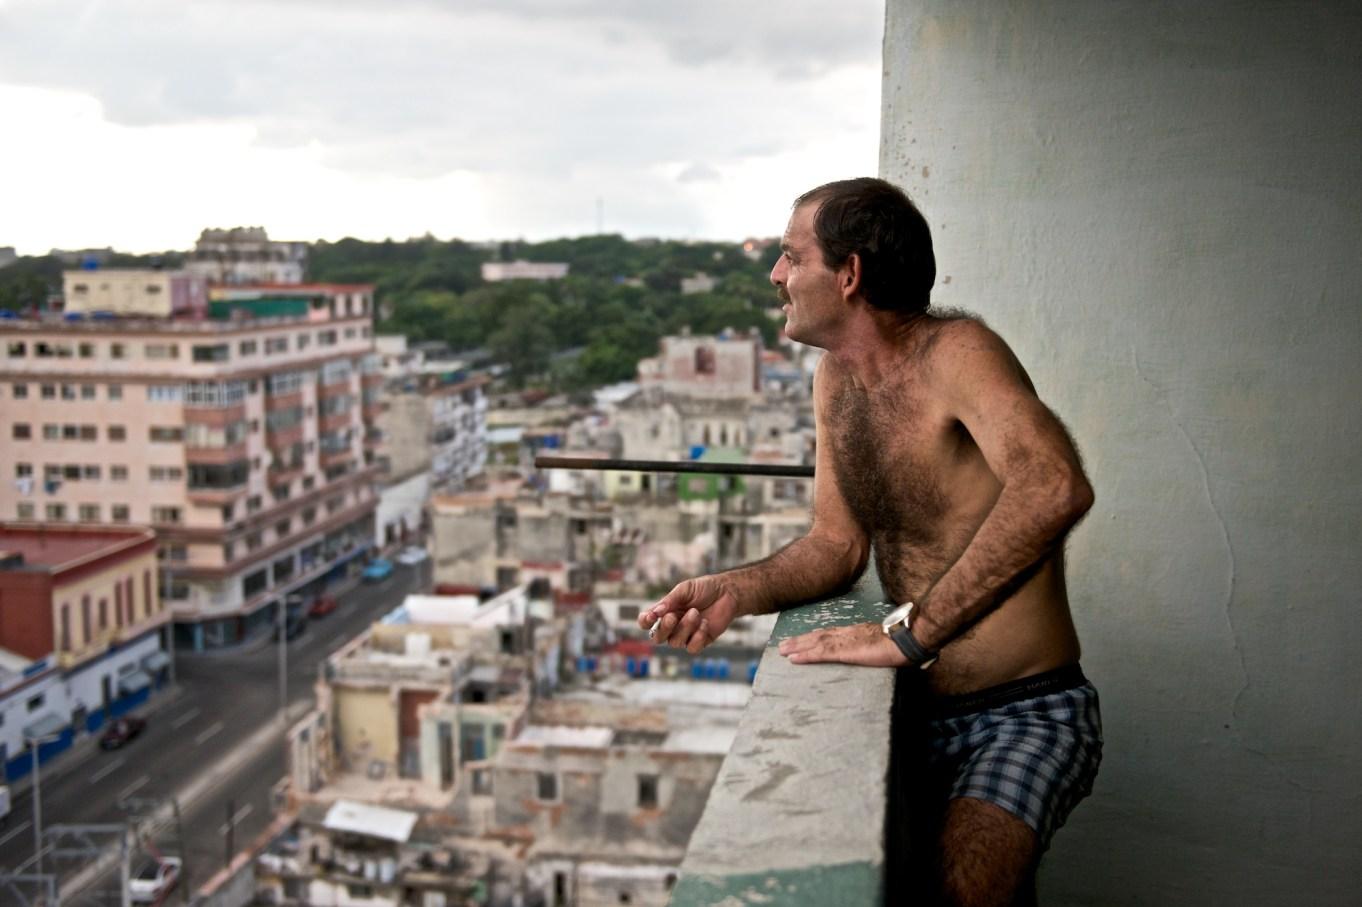 La Habana ©Spag 13